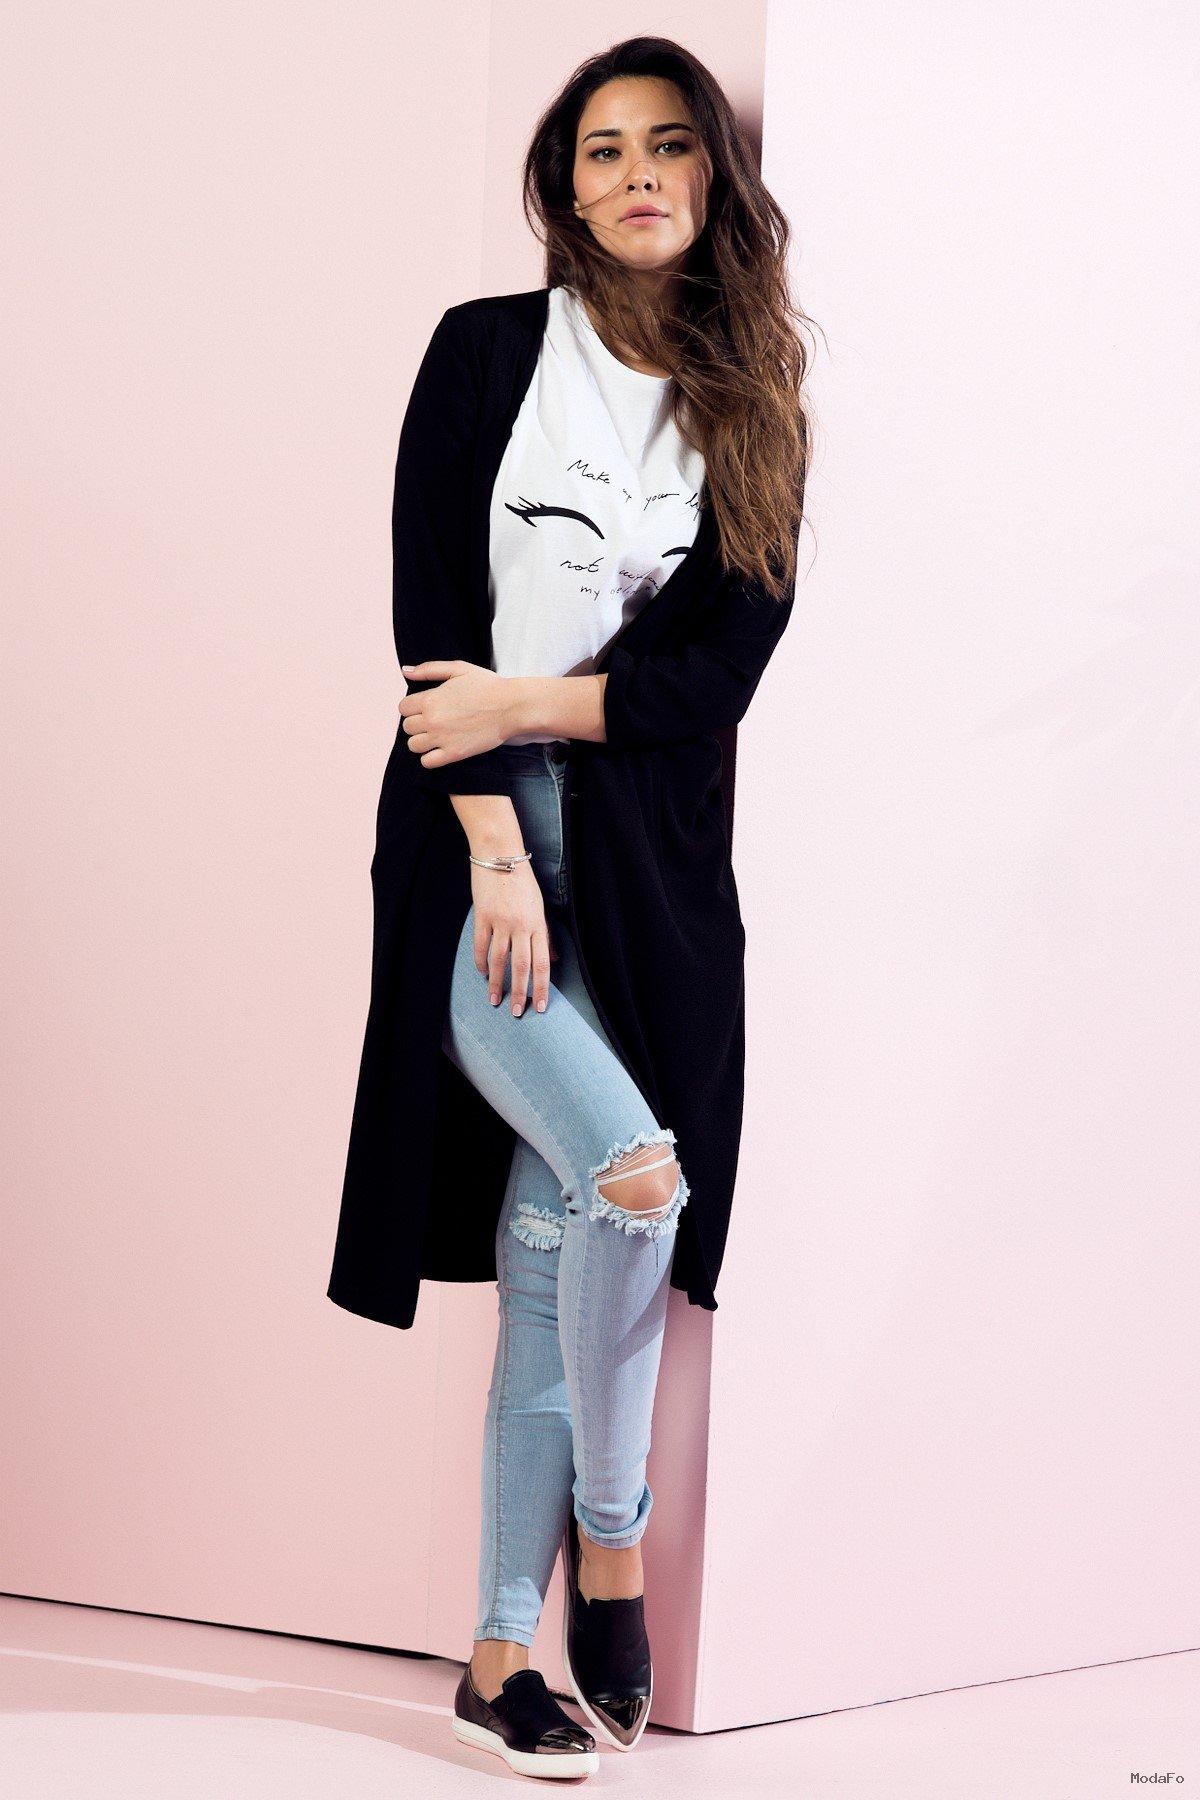 Yırtık kot pantolon modelleri ile uzun siyah hırka kombini - Uzun hırka modelleri Uzun Hırka Kombinleri Uzun Hırka Modası Uzun Kış Modası Hırka Kombinleri